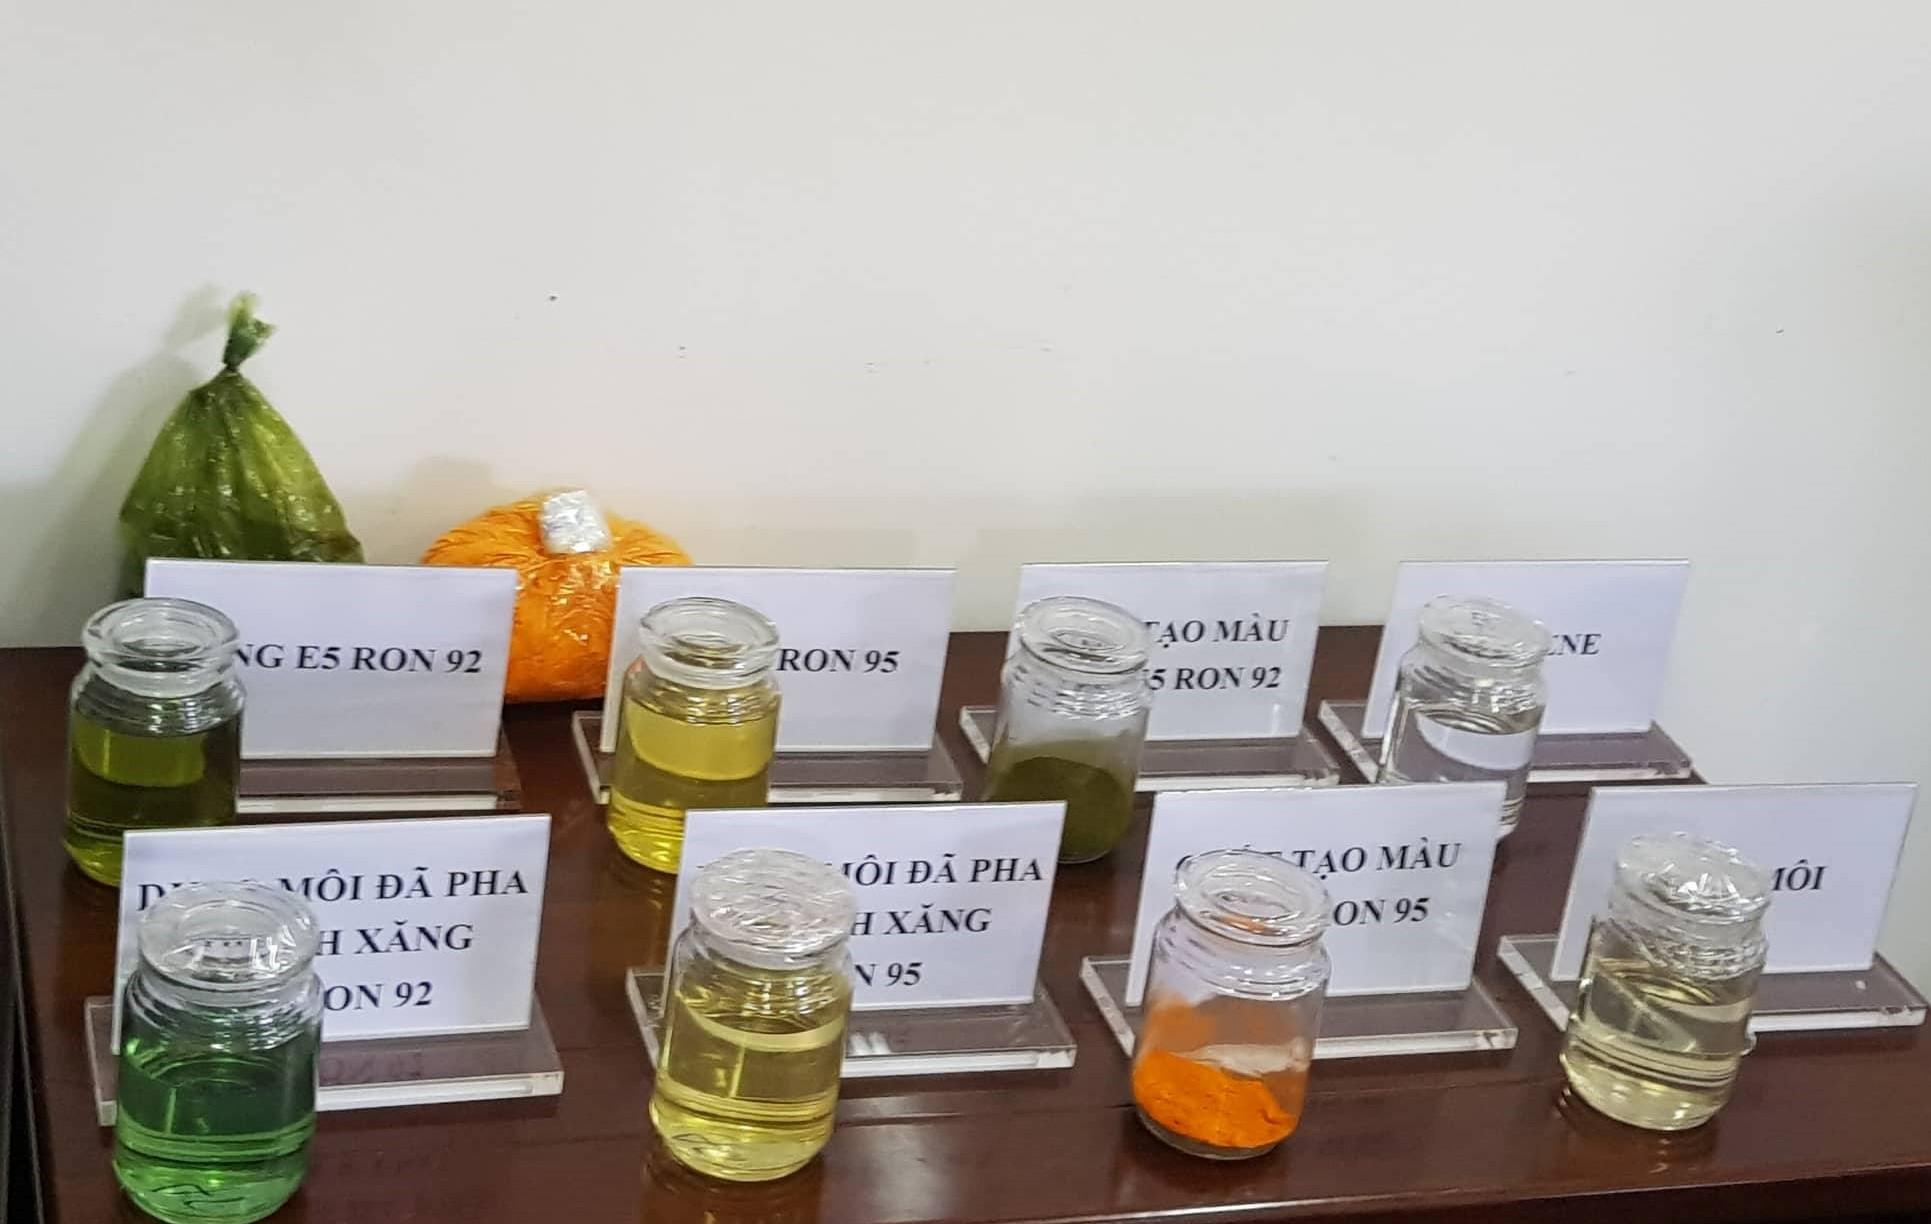 Đường dây xăng giả đại gia Trịnh Sướng: Chi 3.000 tỉ đồng mua hóa chất, tung ra thị trường 6 triệu lít xăng giả mỗi tháng - Ảnh 3.